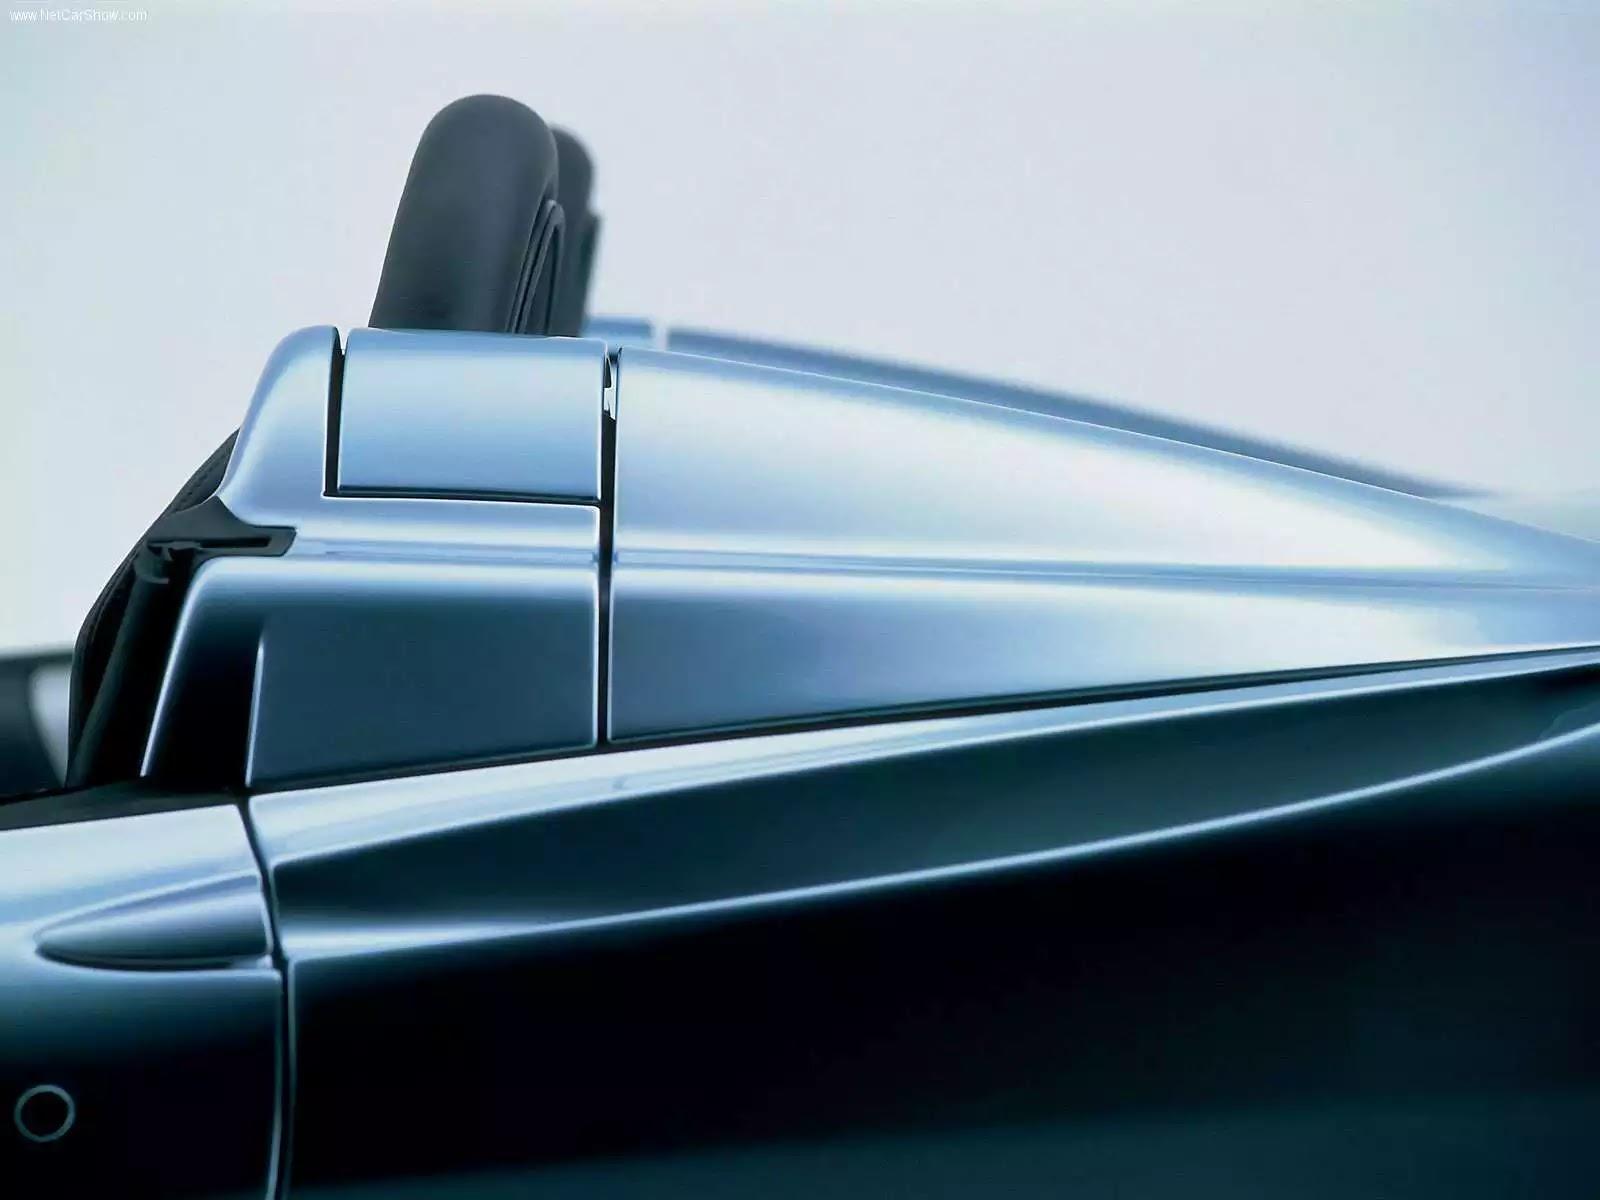 Hình ảnh siêu xe Ferrari 360 Spider 2001 & nội ngoại thất